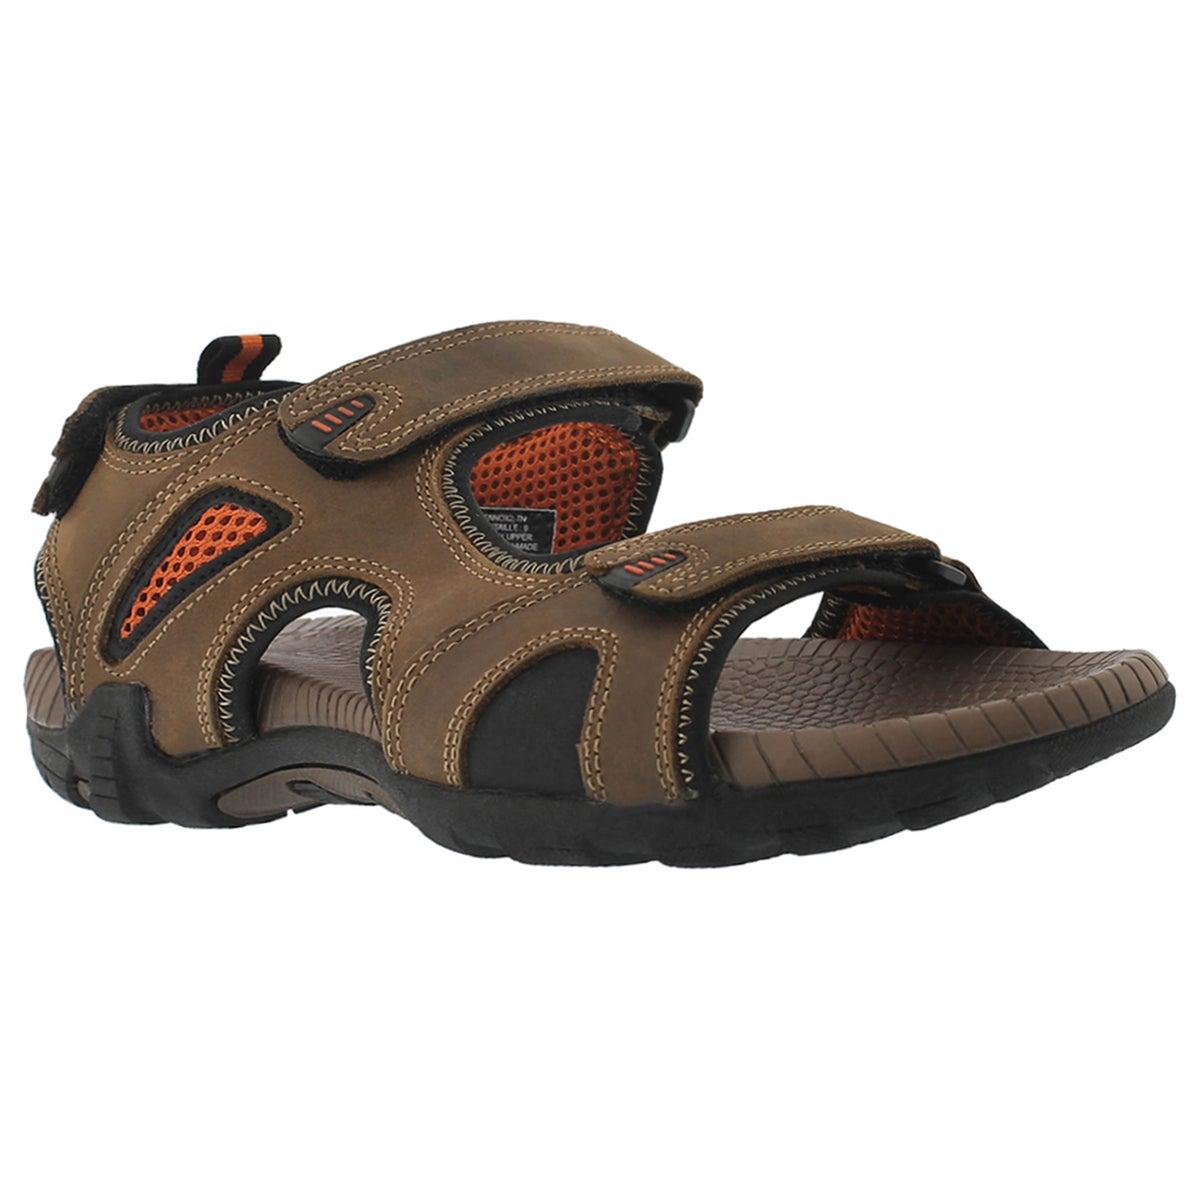 Mns Lennox 2 tan 3 strap sport sandal